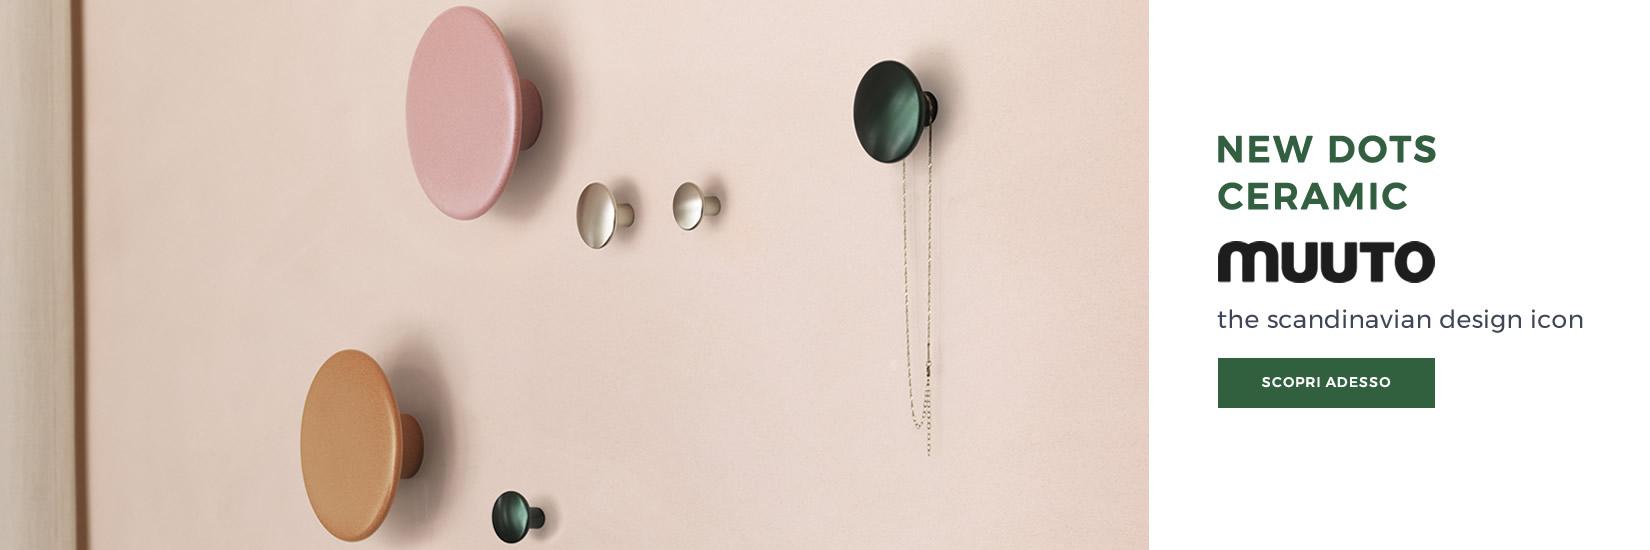 Dots Ceramic